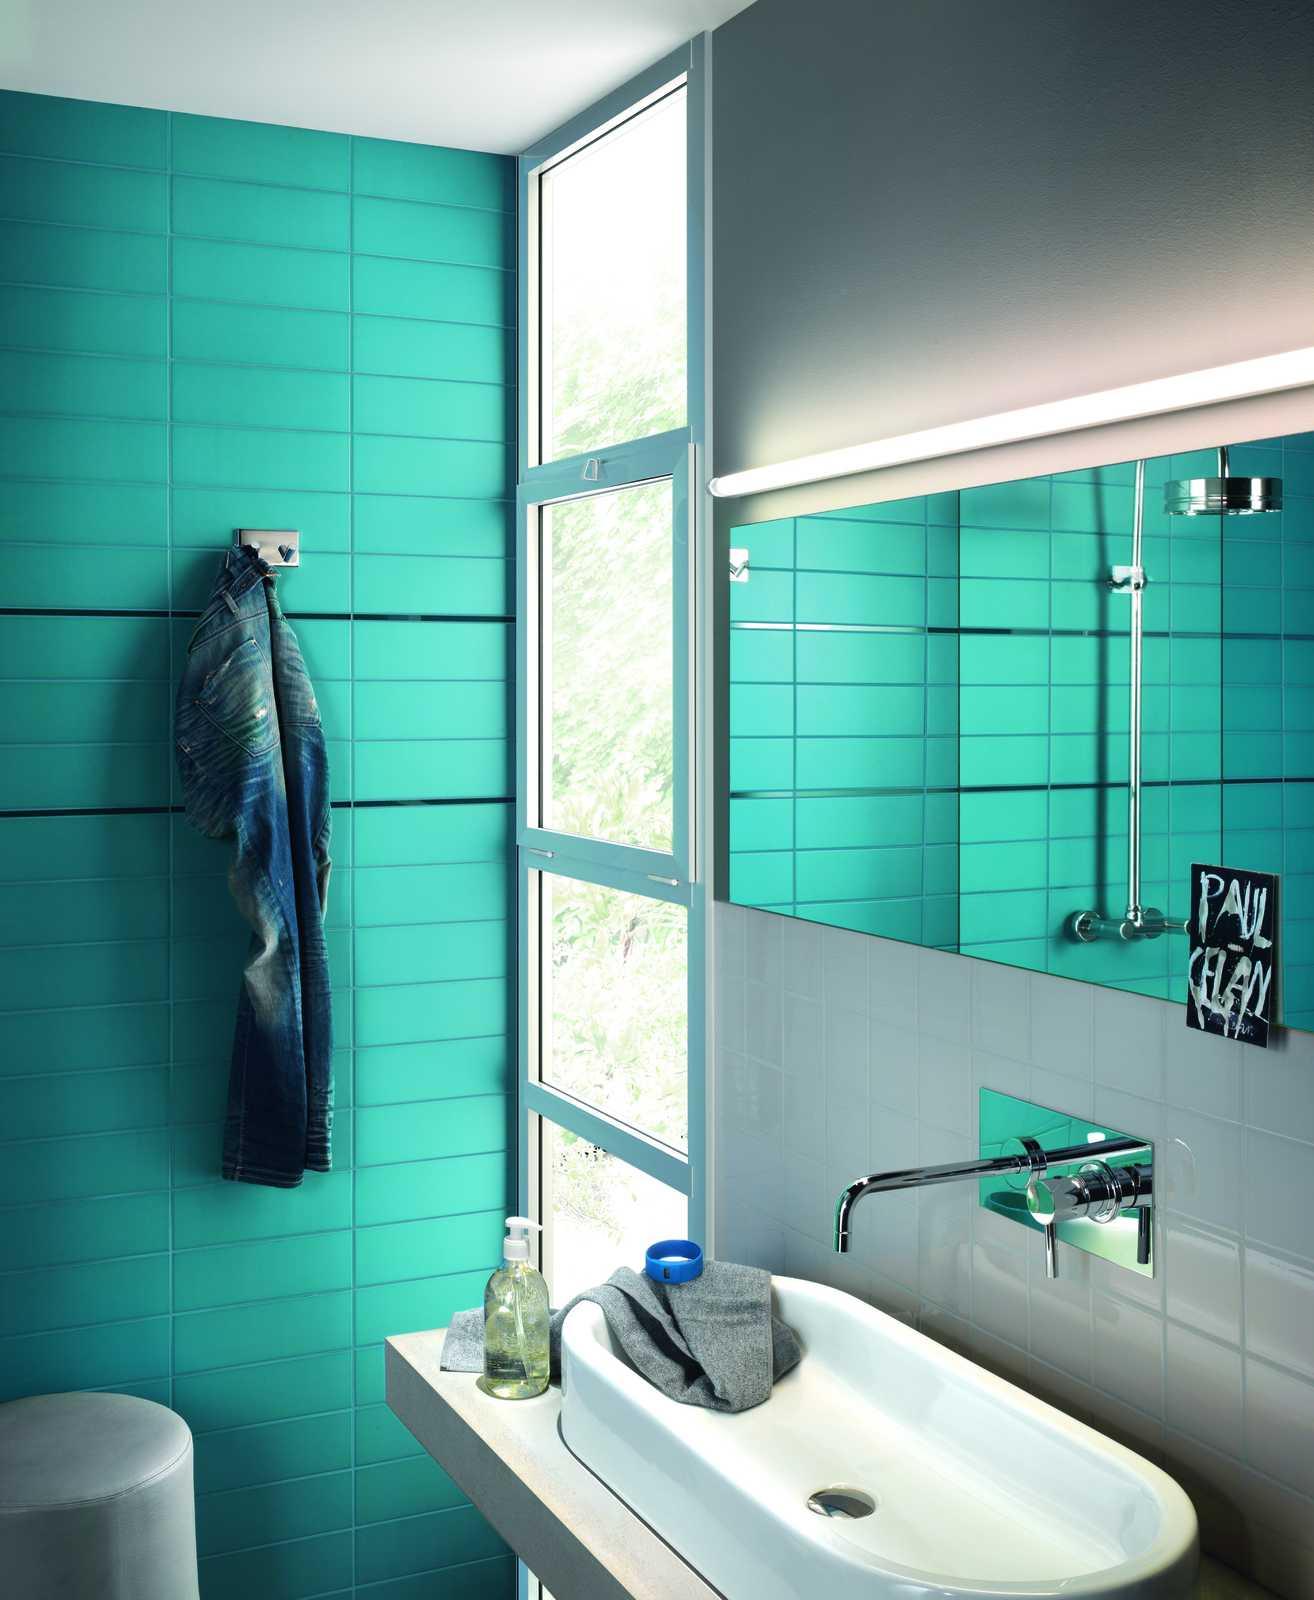 Collezione unitech rivestimenti dal colore accattivante - Mattonelle bagno ragno ...